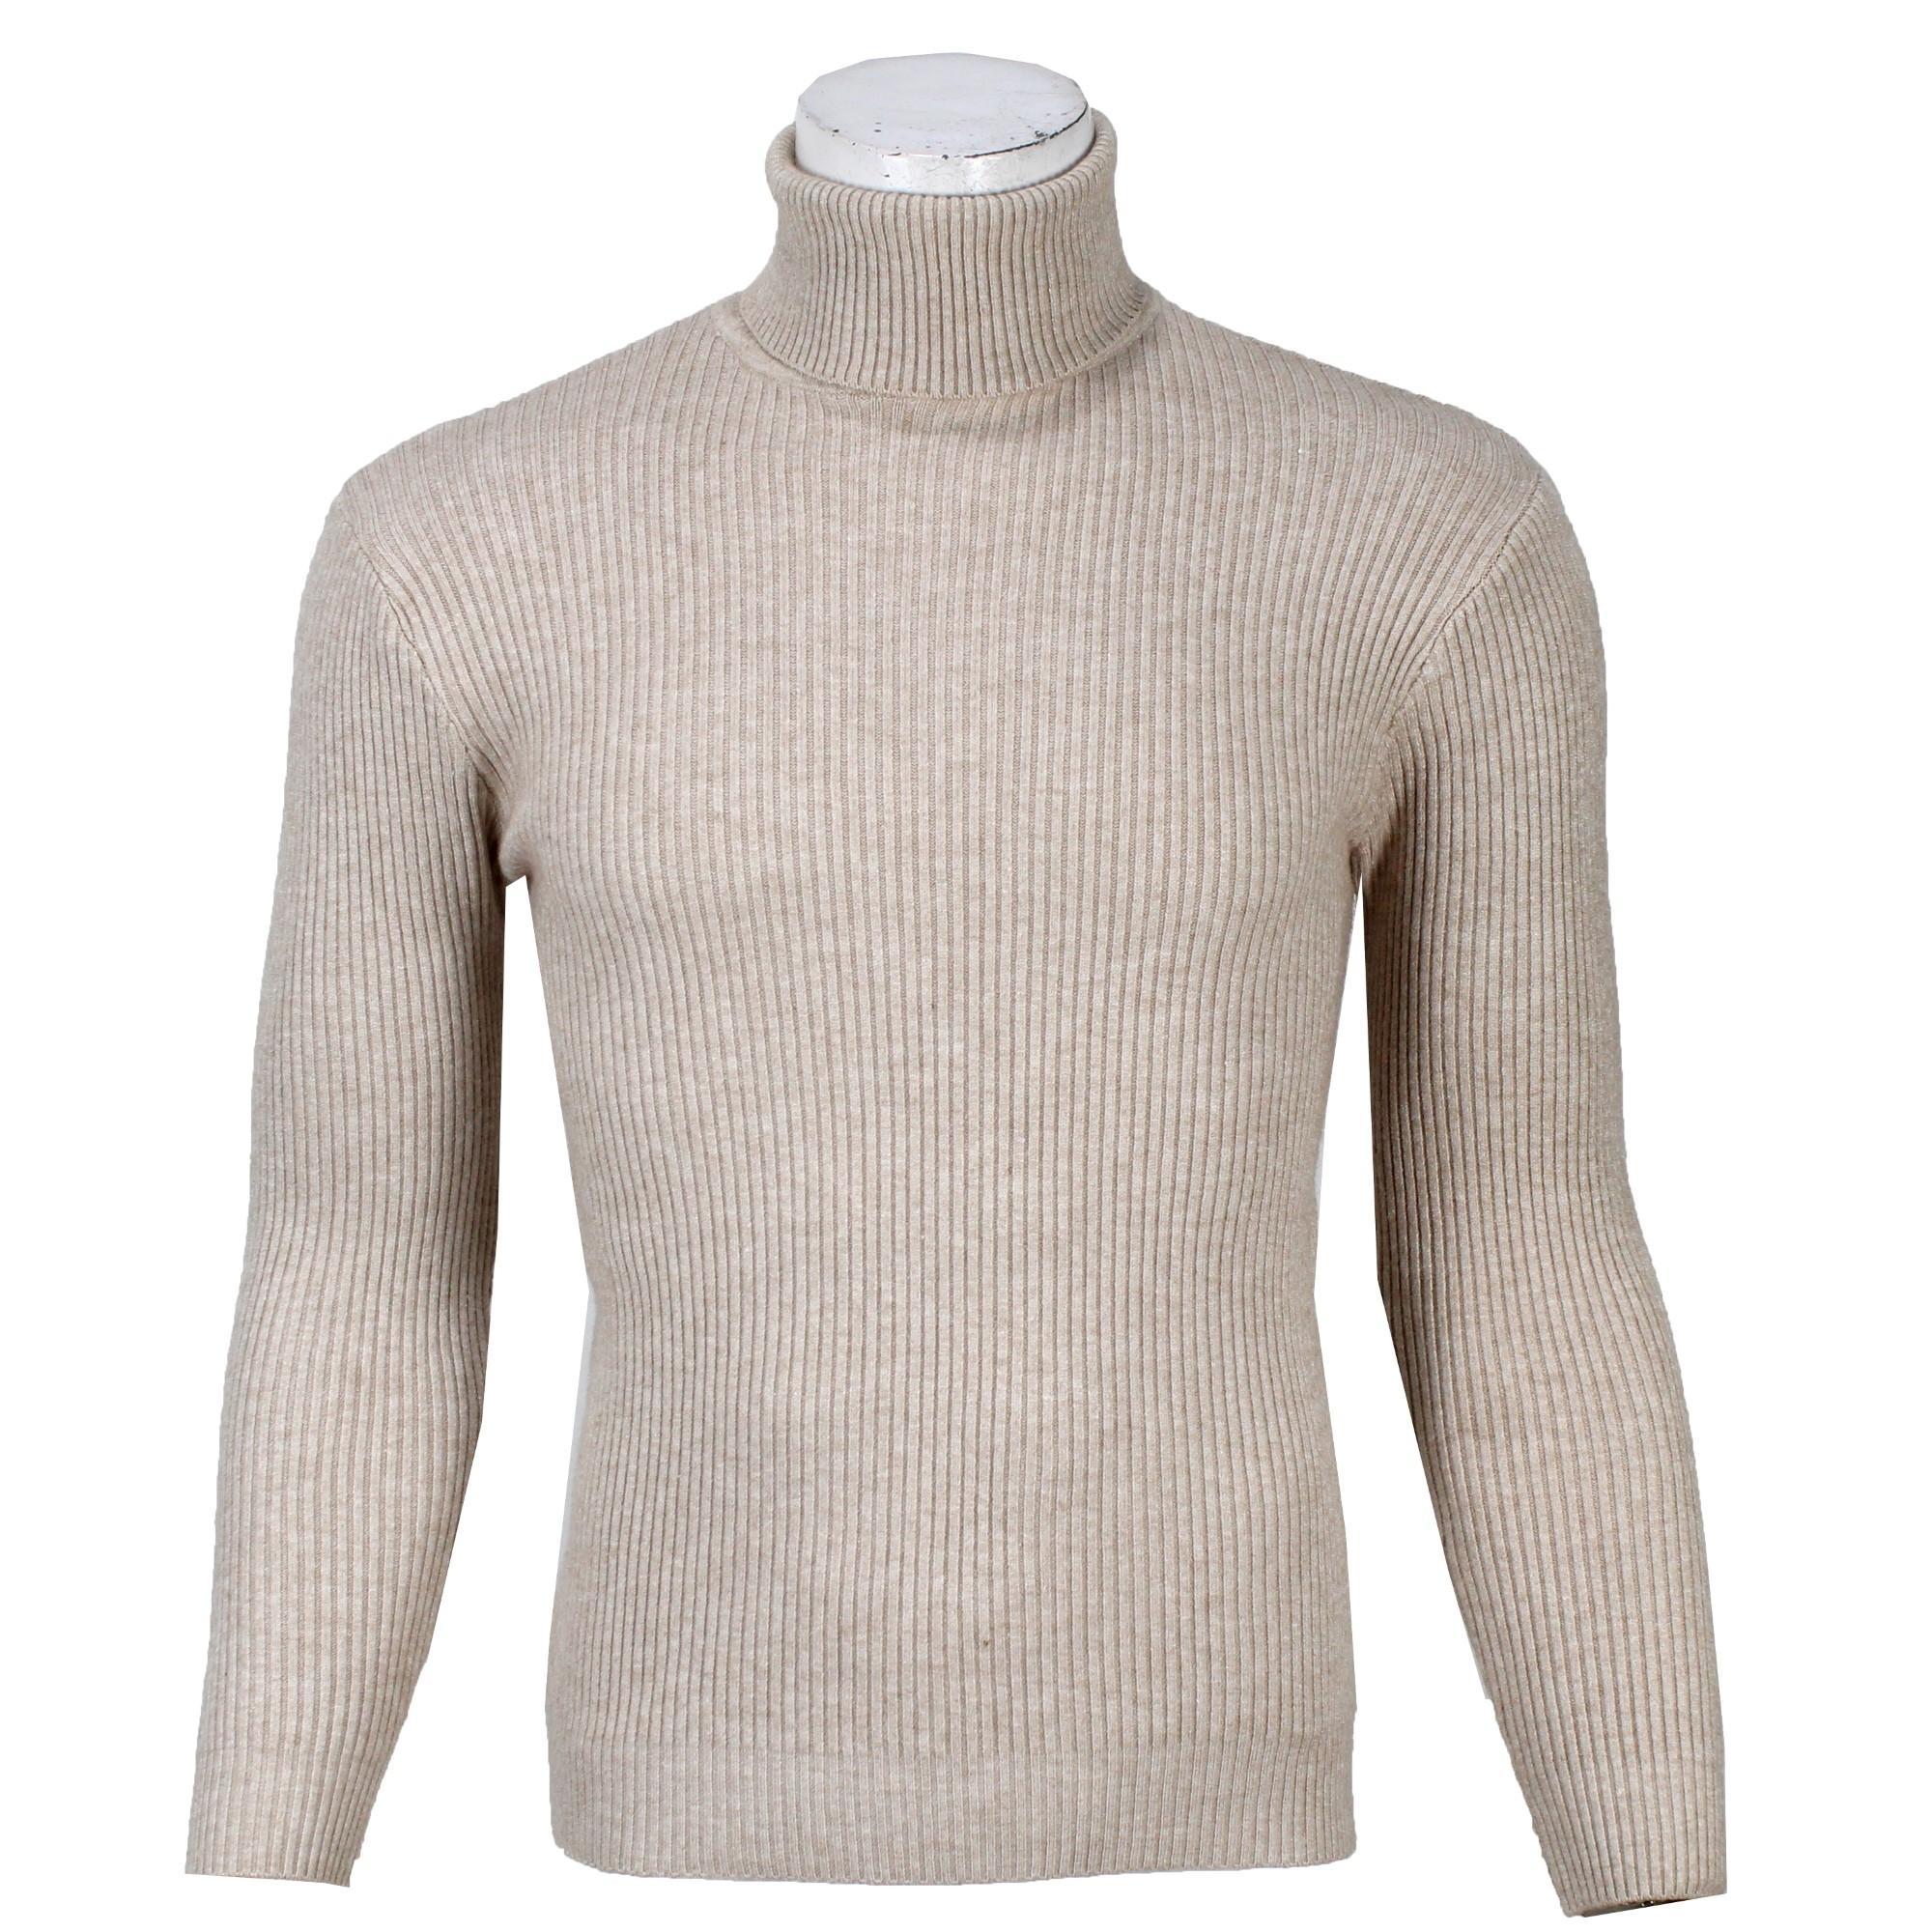 9eb7c84d738 Cream Turtle Neck Sweater For Men